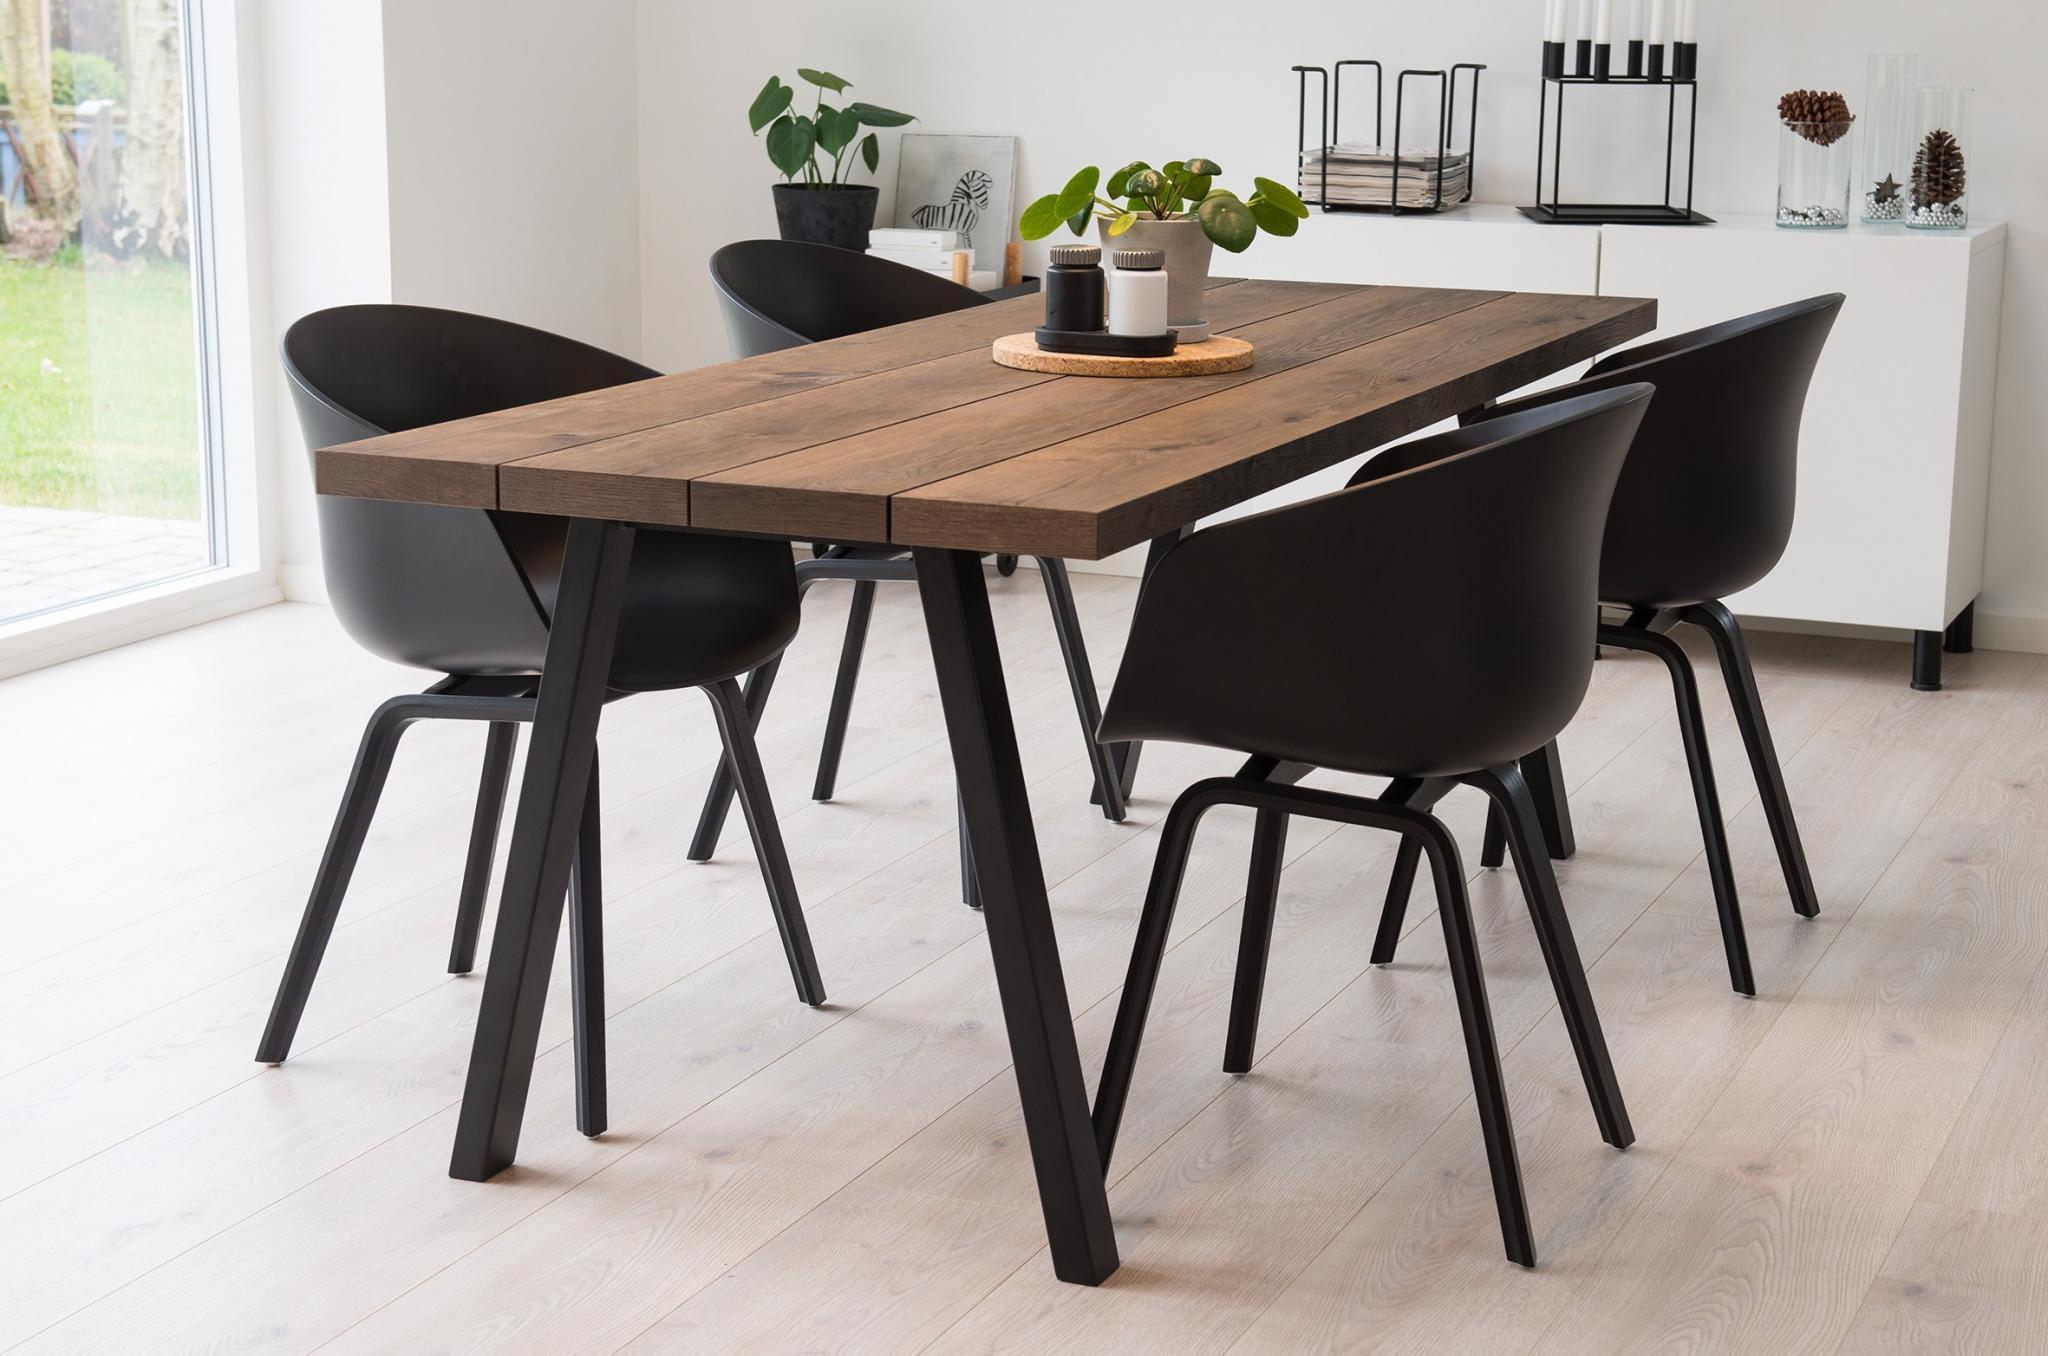 Det unikke designet plankebord, skaber em hyggelig stemning i de fleste hjem.